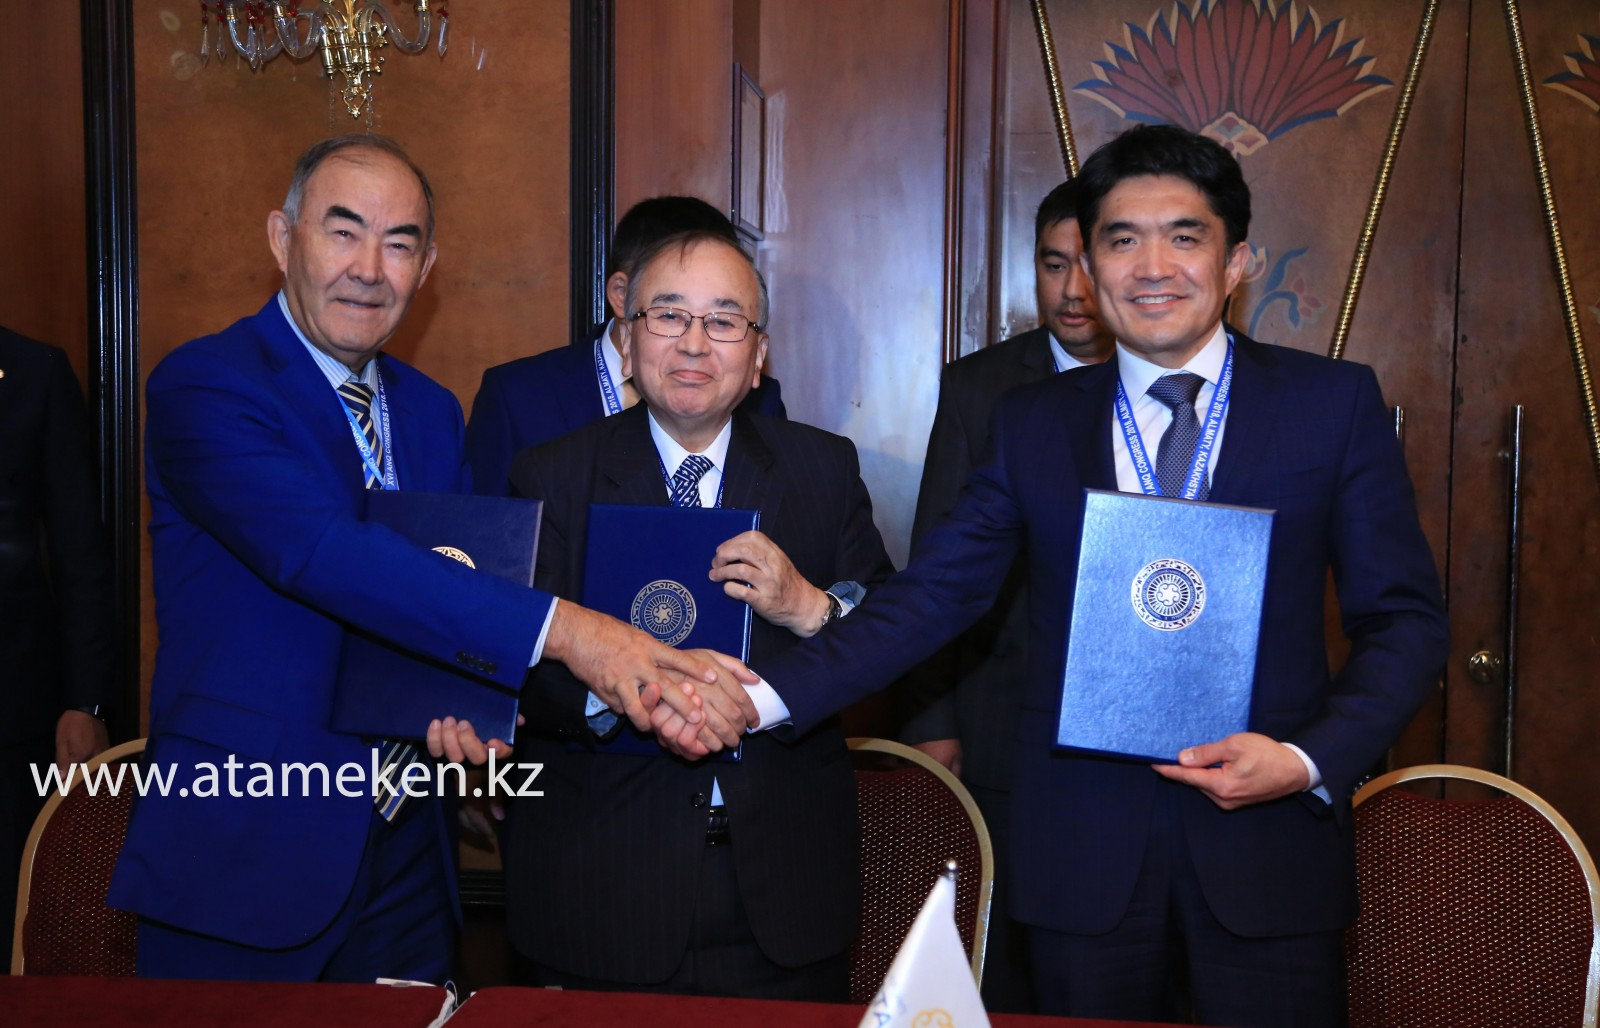 НПП РК «Атамекен» подписала соглашение о сотрудничестве с Азиатской сетью качества , НПП РК «Атамекен», соглашение, сотрудничество, Азиатская Сеть Качества